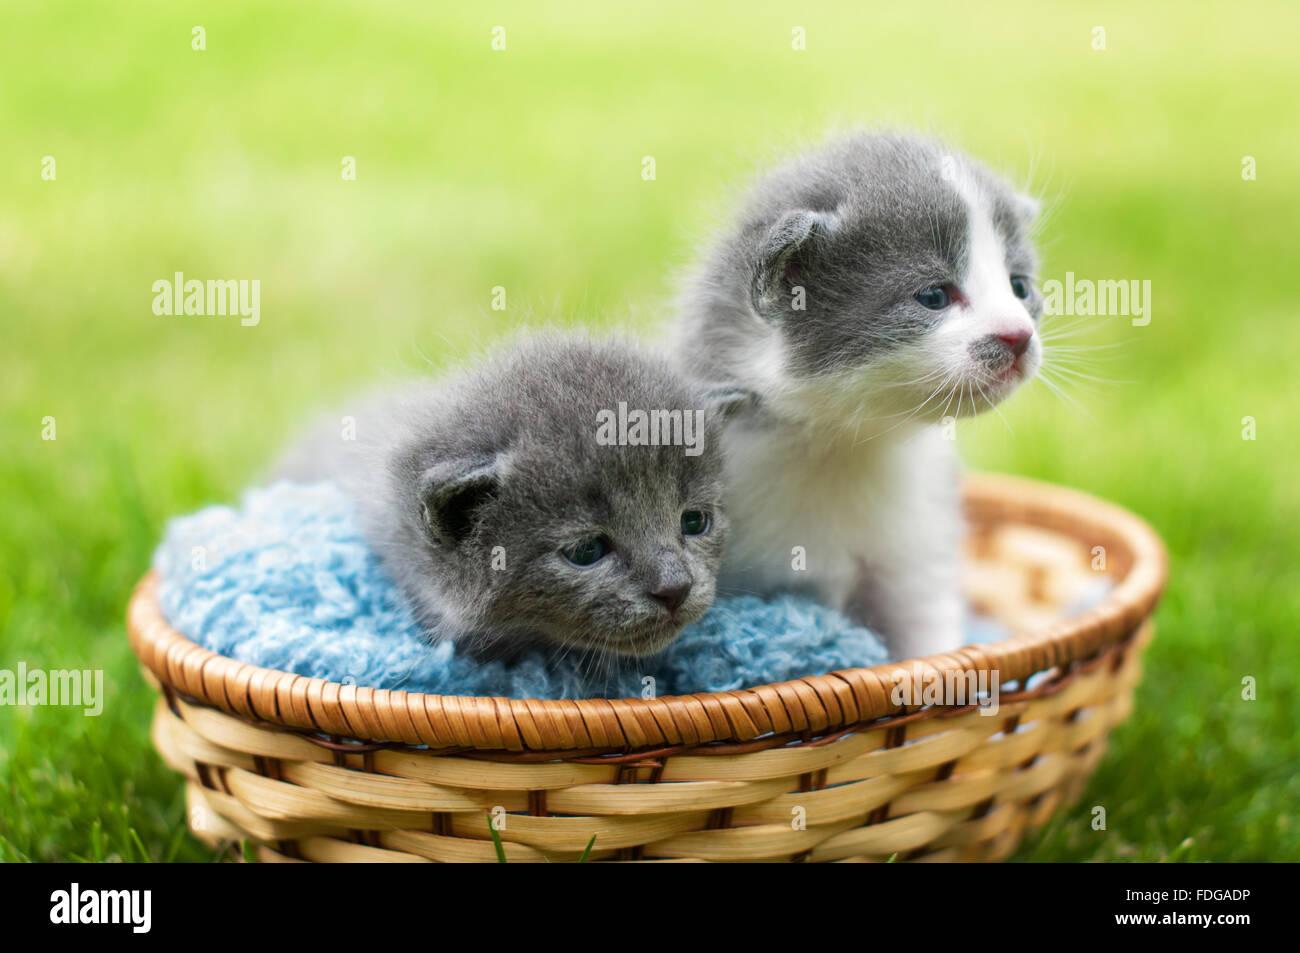 Deux chatons gris et blanc dans un panier Photo Stock